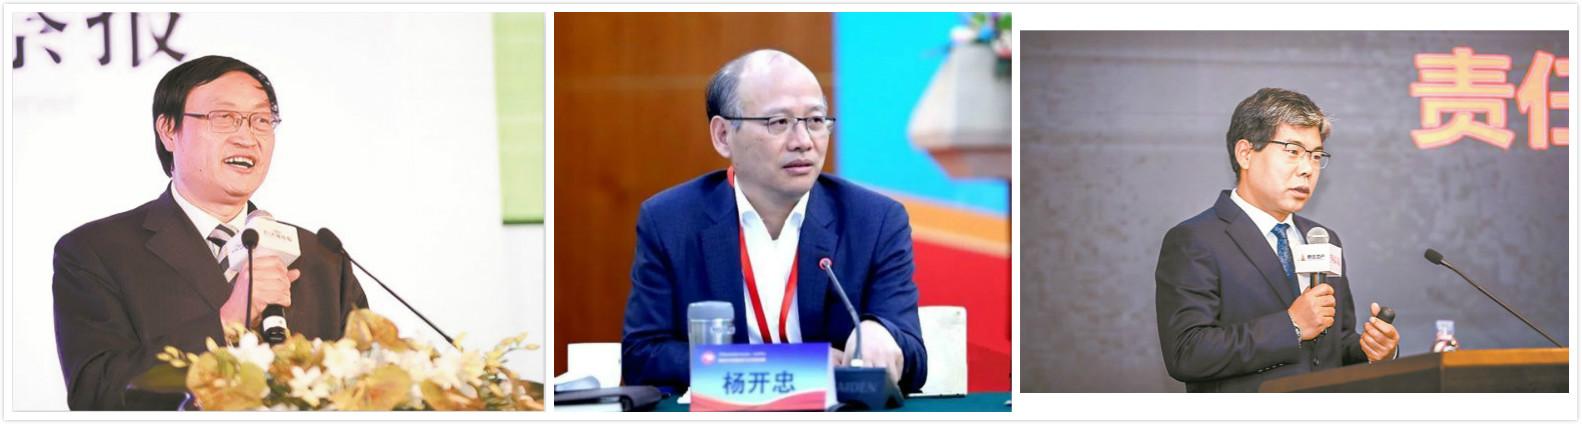 城聊|从京津冀协同看区域经济发展